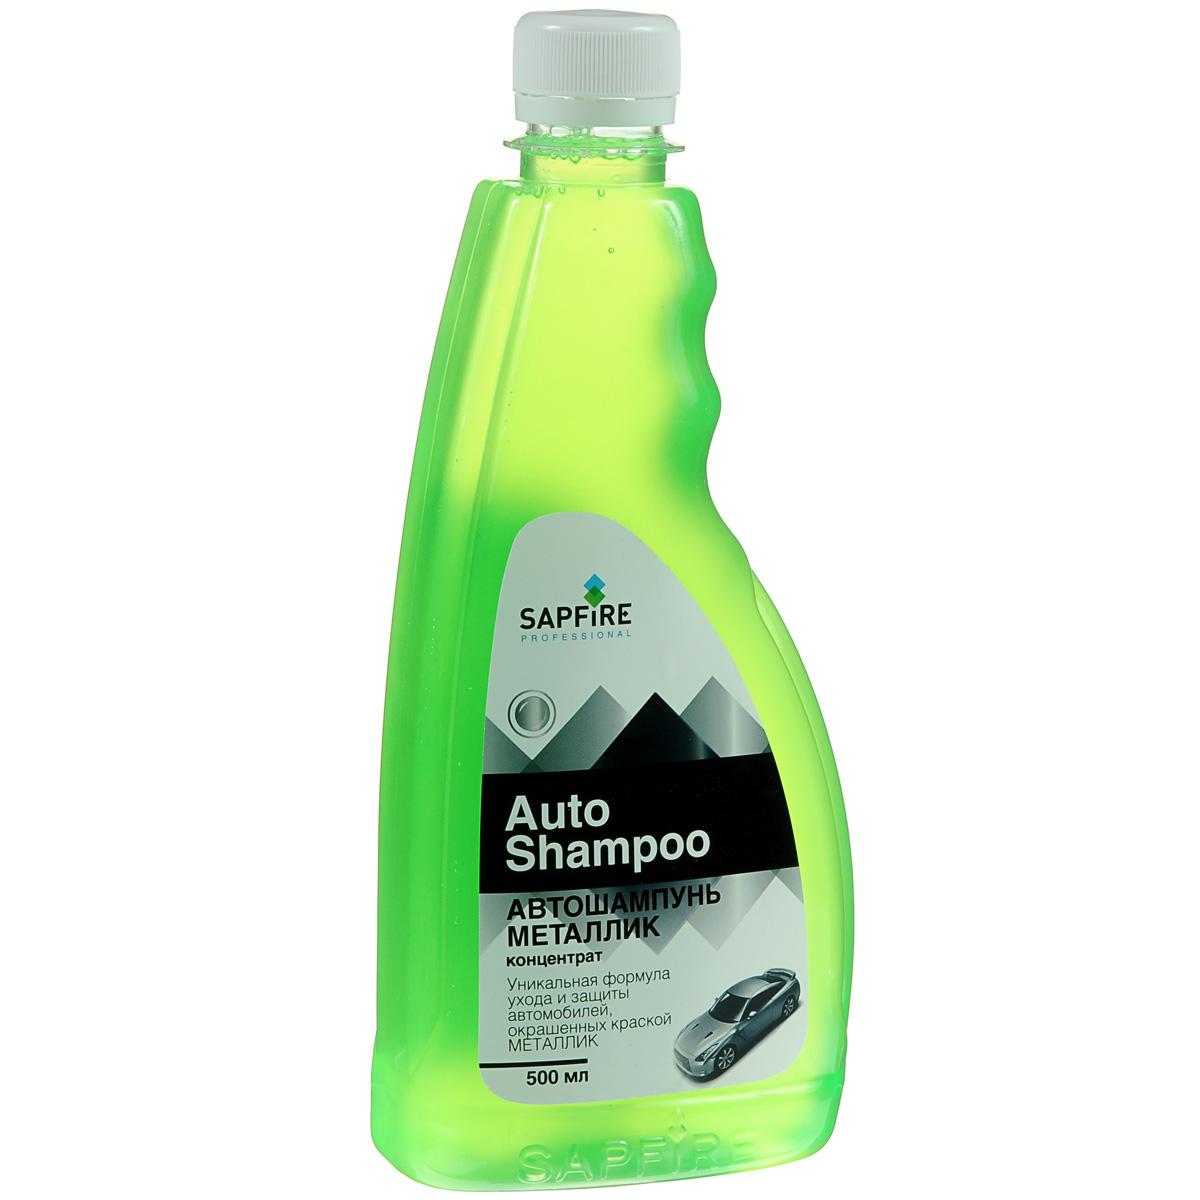 Автошампунь Sapfire Металлик, концентрированный, 500 млRC-100BWCАвтошампунь Sapfire Металлик предназначен специально для ухода и защиты современных автомобилей, окрашенных краской металлик. Активные моющие вещества шампуня обеспечивают эффективную и безопасную очистку кузова автомобиля от загрязнений, одновременно придавая ему блеск и защитные свойства. Шампунь легко смывается водой, не повреждает алюминиевые, хромированные и пластиковые поверхности, не оставляет разводов. Шампунь создает полимерную пленку, которая защищает от негативного воздействия атмосферных осадков, маслянистой грязи, дорожных соляных растворов, препятствует осаждению пыли.Состав: аПАВ менее 5%, нПАВ менее 5%, отдушка менее 5%, консервант менее 5%, вода более 30%.